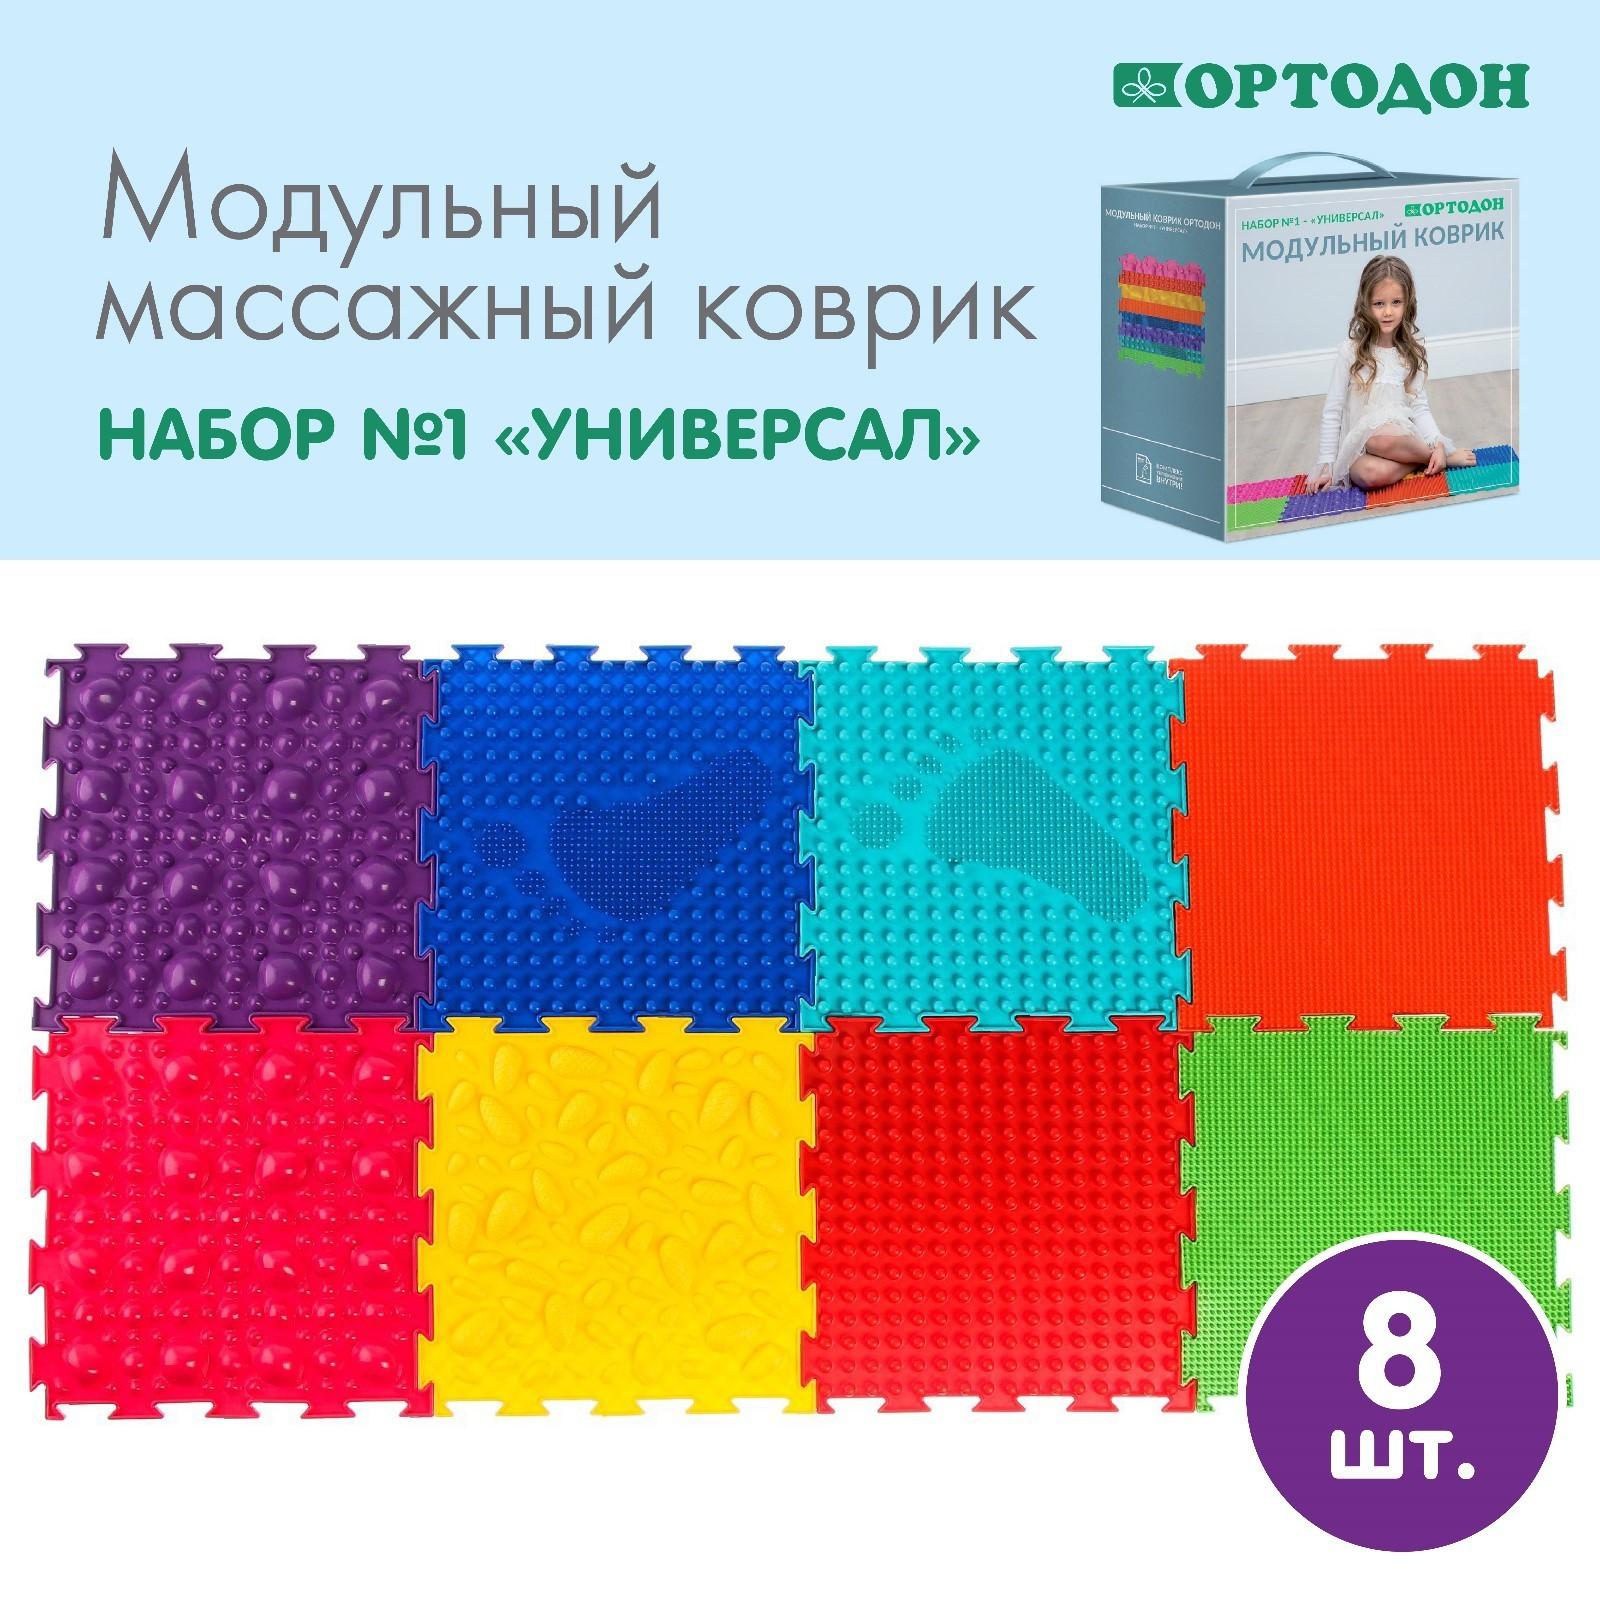 e251ae52b Детский массажный коврик «Орто», набор № 1, МИКС (2708872) - Купить ...